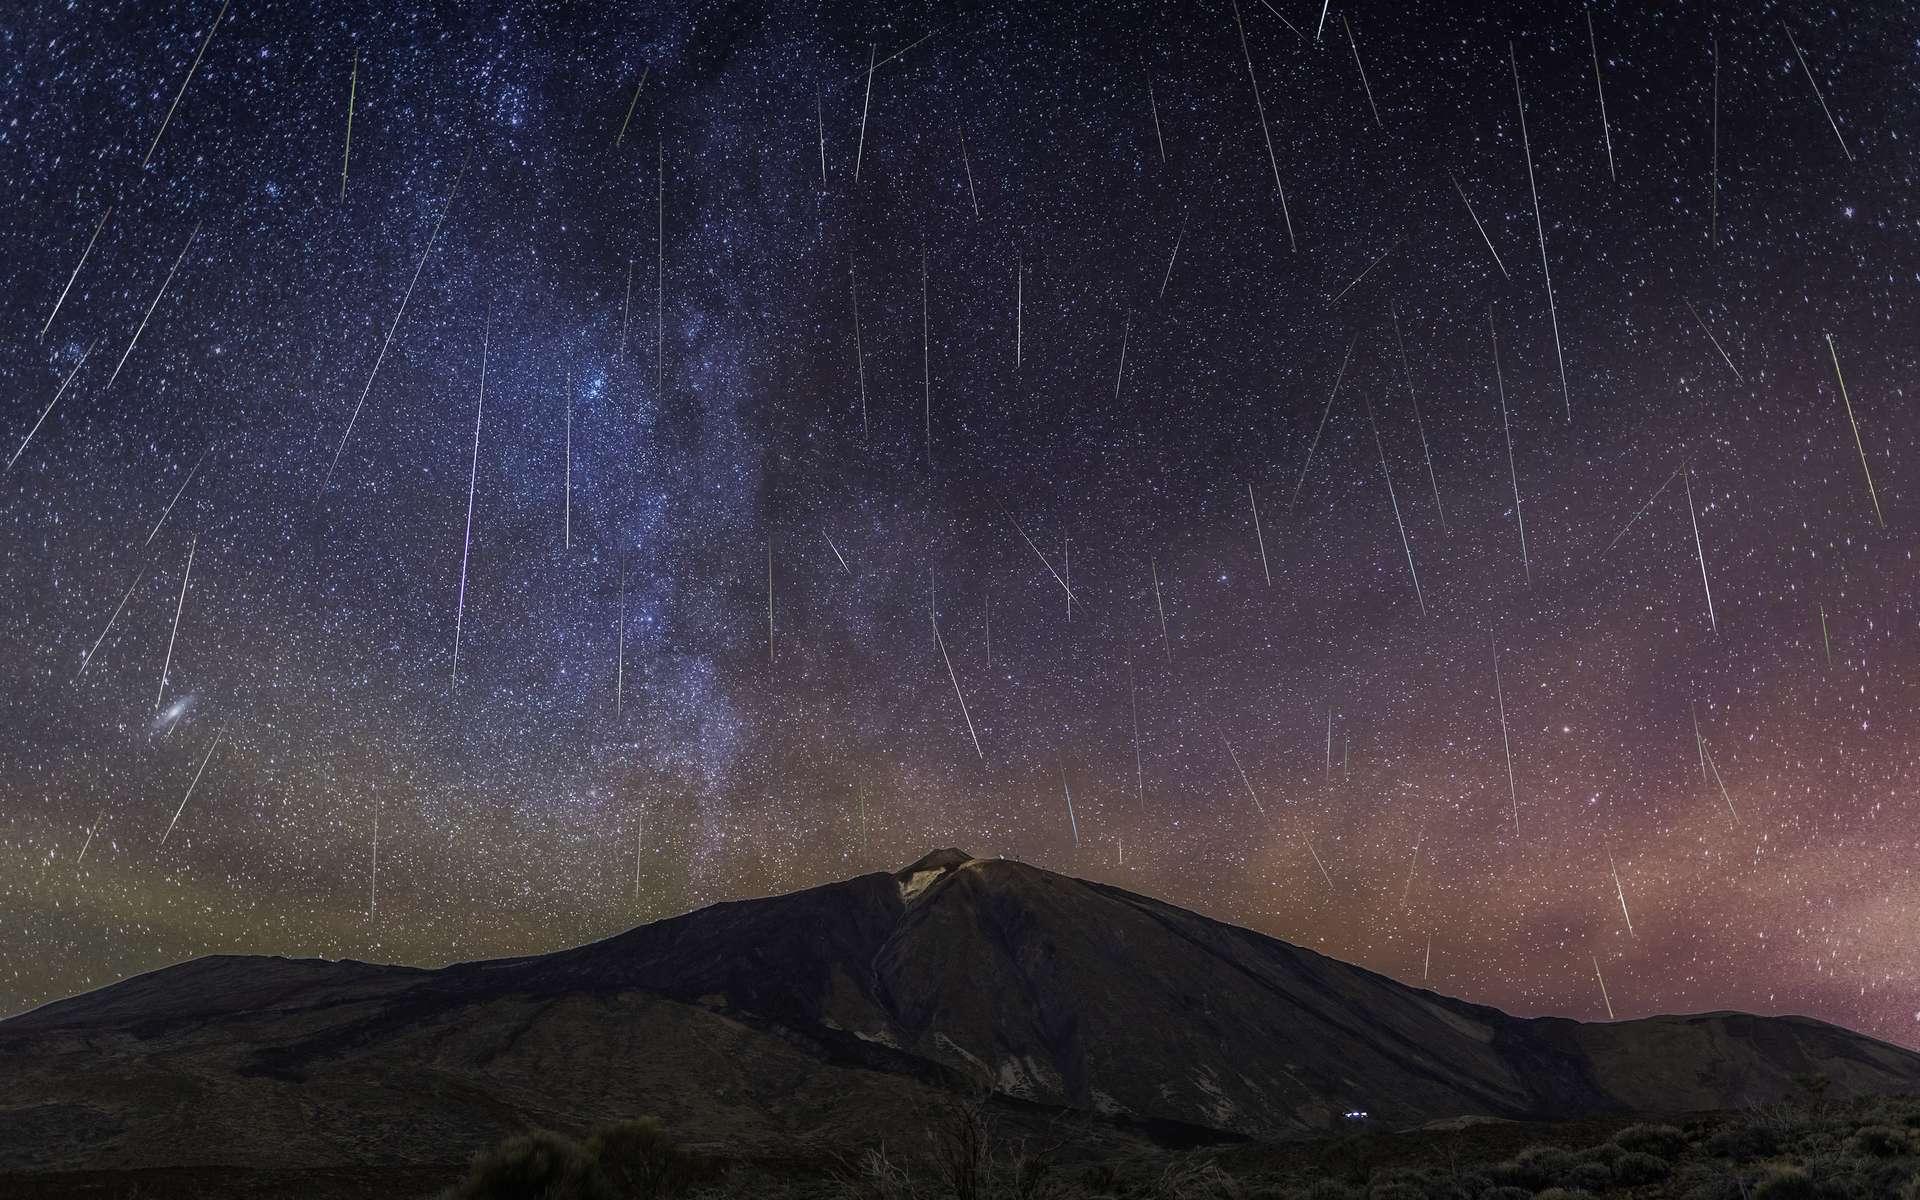 Les étoiles filantes qui nous font rêver sont le produit de l'entrée dans l'atmosphère de notre Terre de micrométéorites. Certaines arrivent jusqu'au sol. Et ce sont elles que des chercheurs du CNRS ont traquées dans la neige de l'Antarctique pendant vingt ans. Ci-dessus, pluie de météores au-dessus du volcan Teide. © vicenterbosch, Adobe Stock